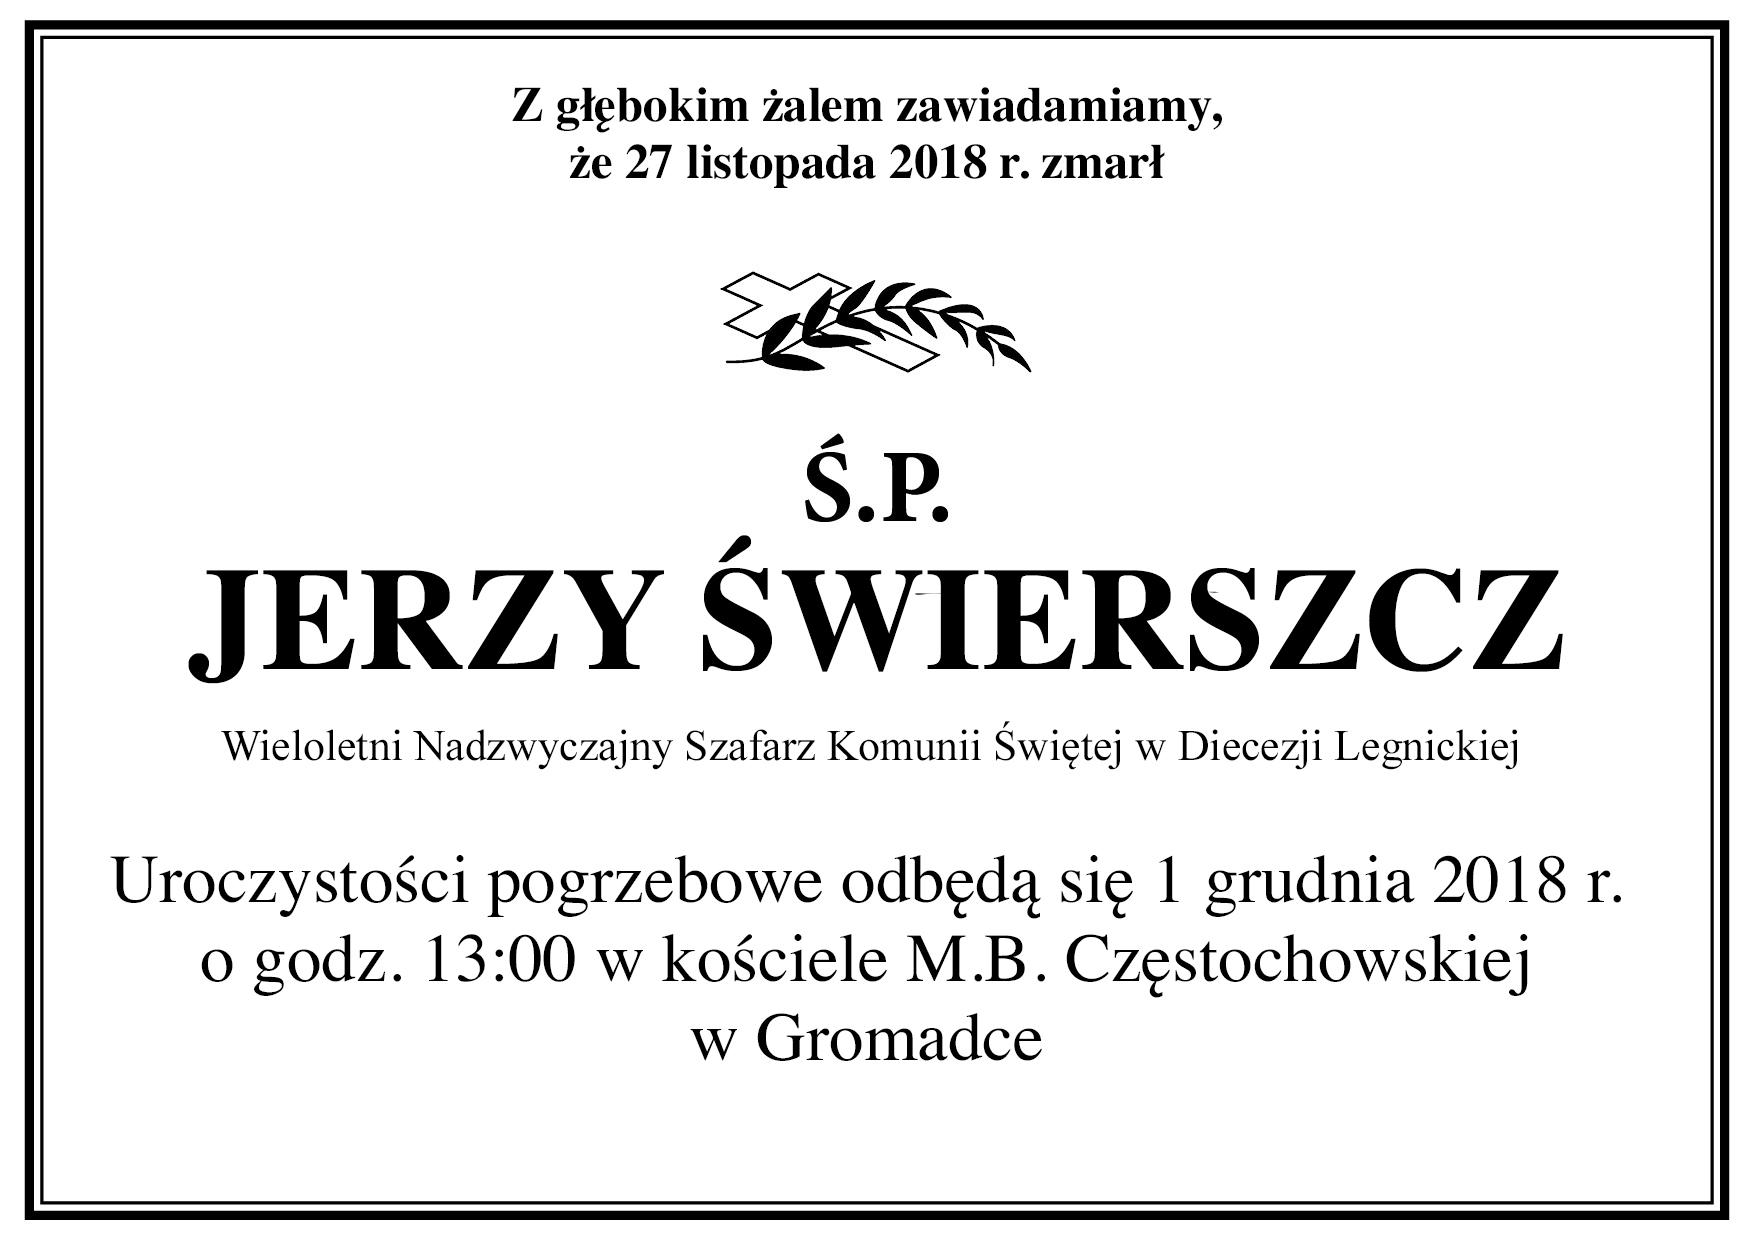 Odszedł Do Pana śp Jerzy świerszcz Nadzwyczajni Szafarze